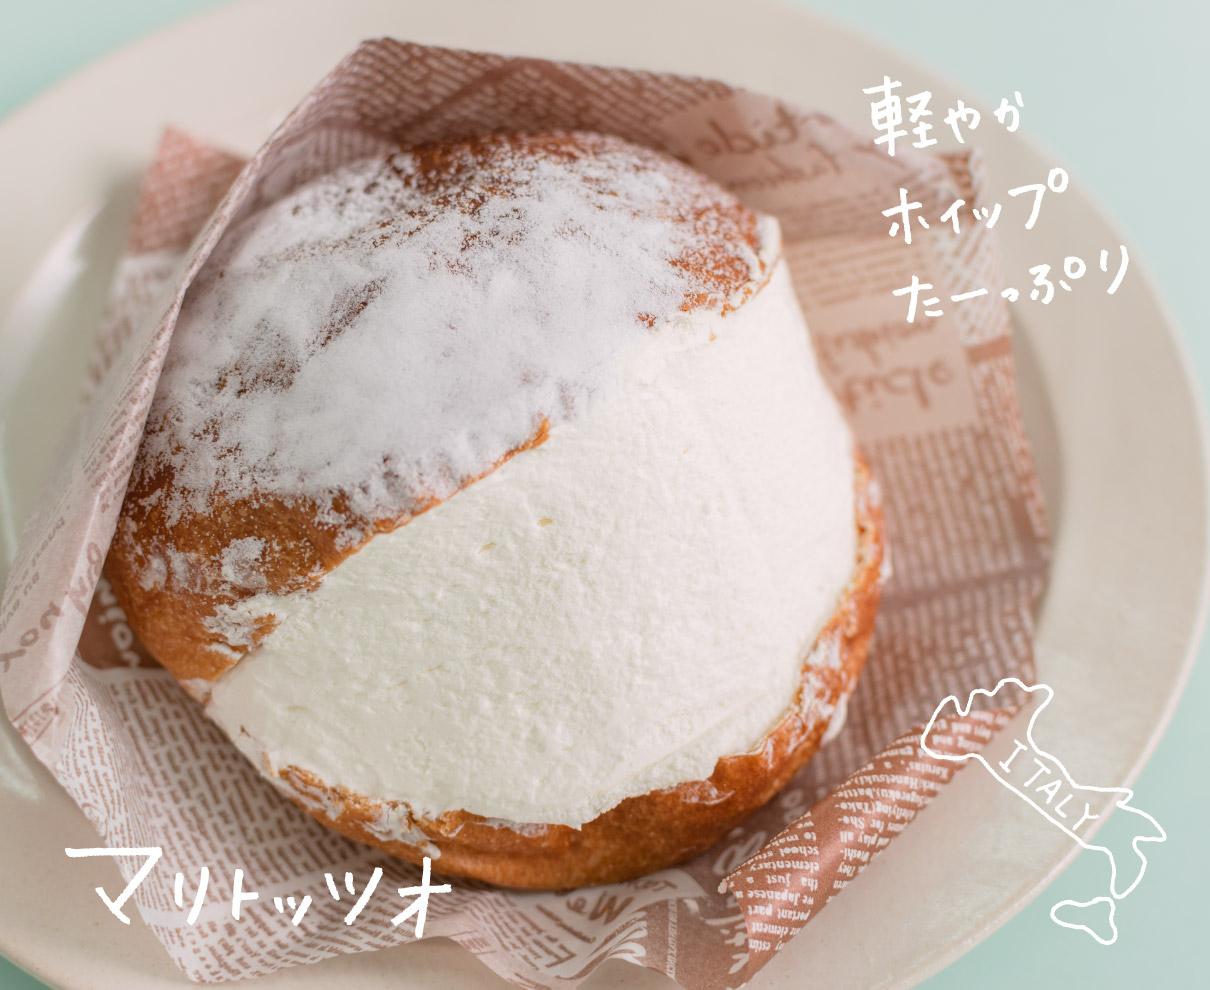 人気すぎて入手困難に!? 魅惑のもりもりクリーム×もっちり米粉パン|越麺屋